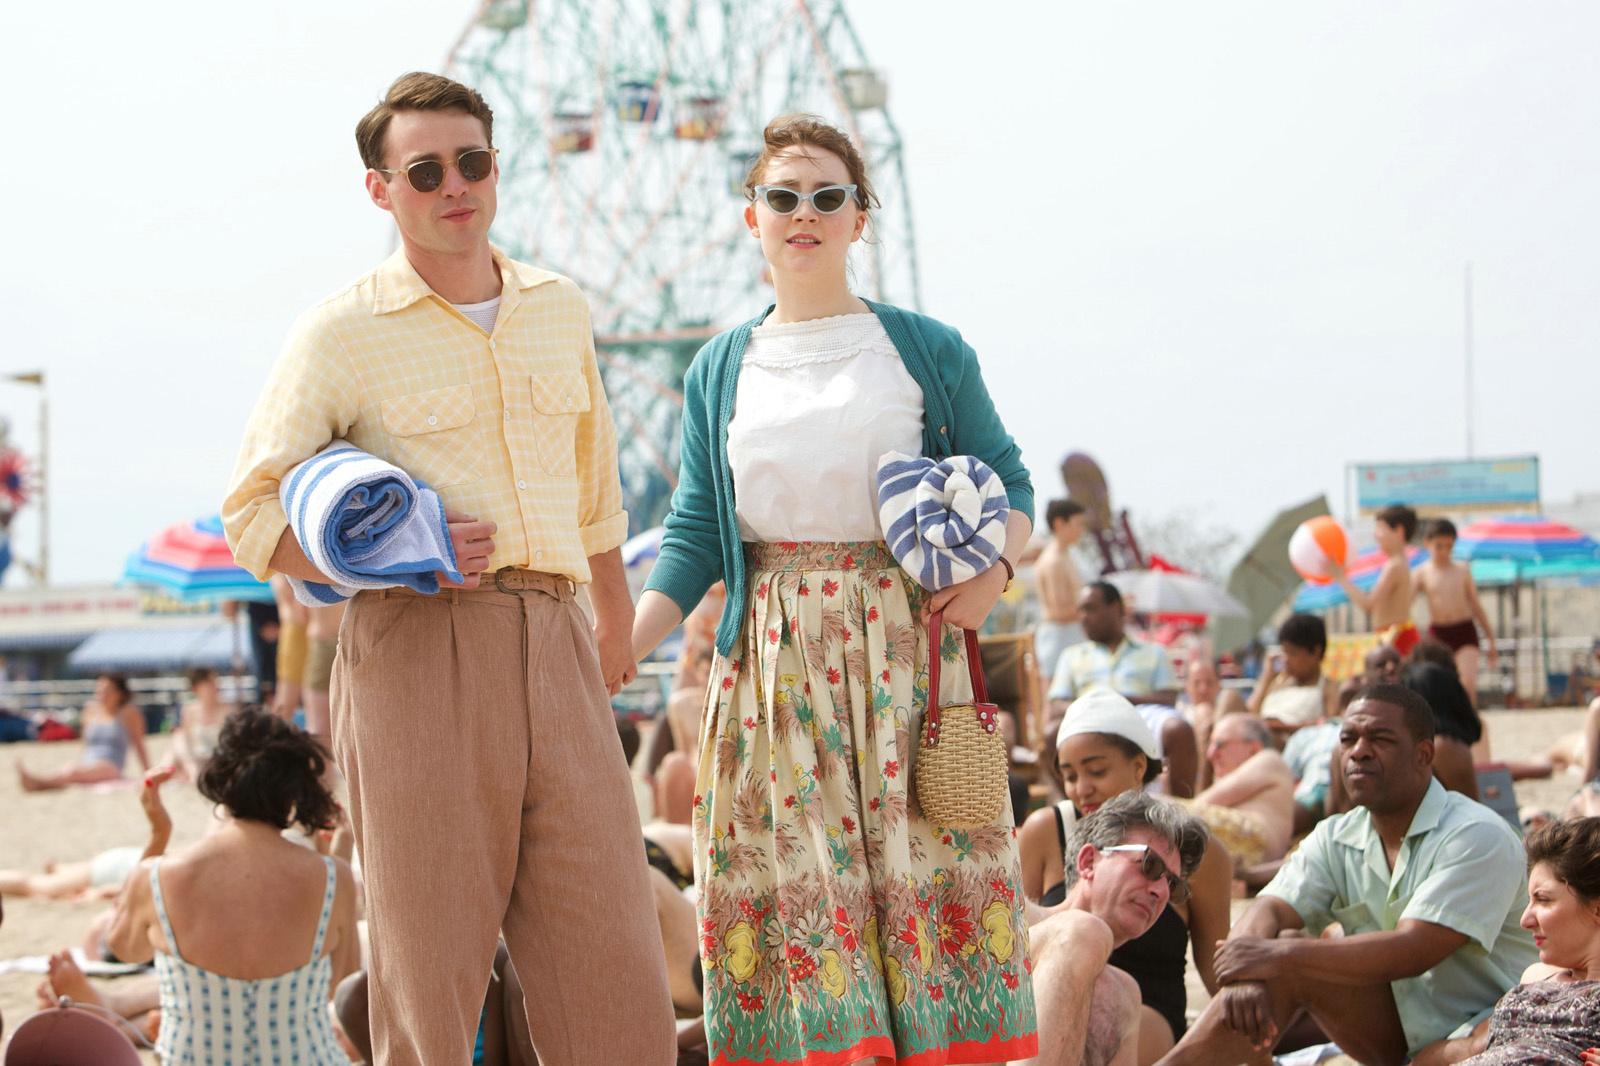 Brooklyn, une romance tourmentée au cinéma